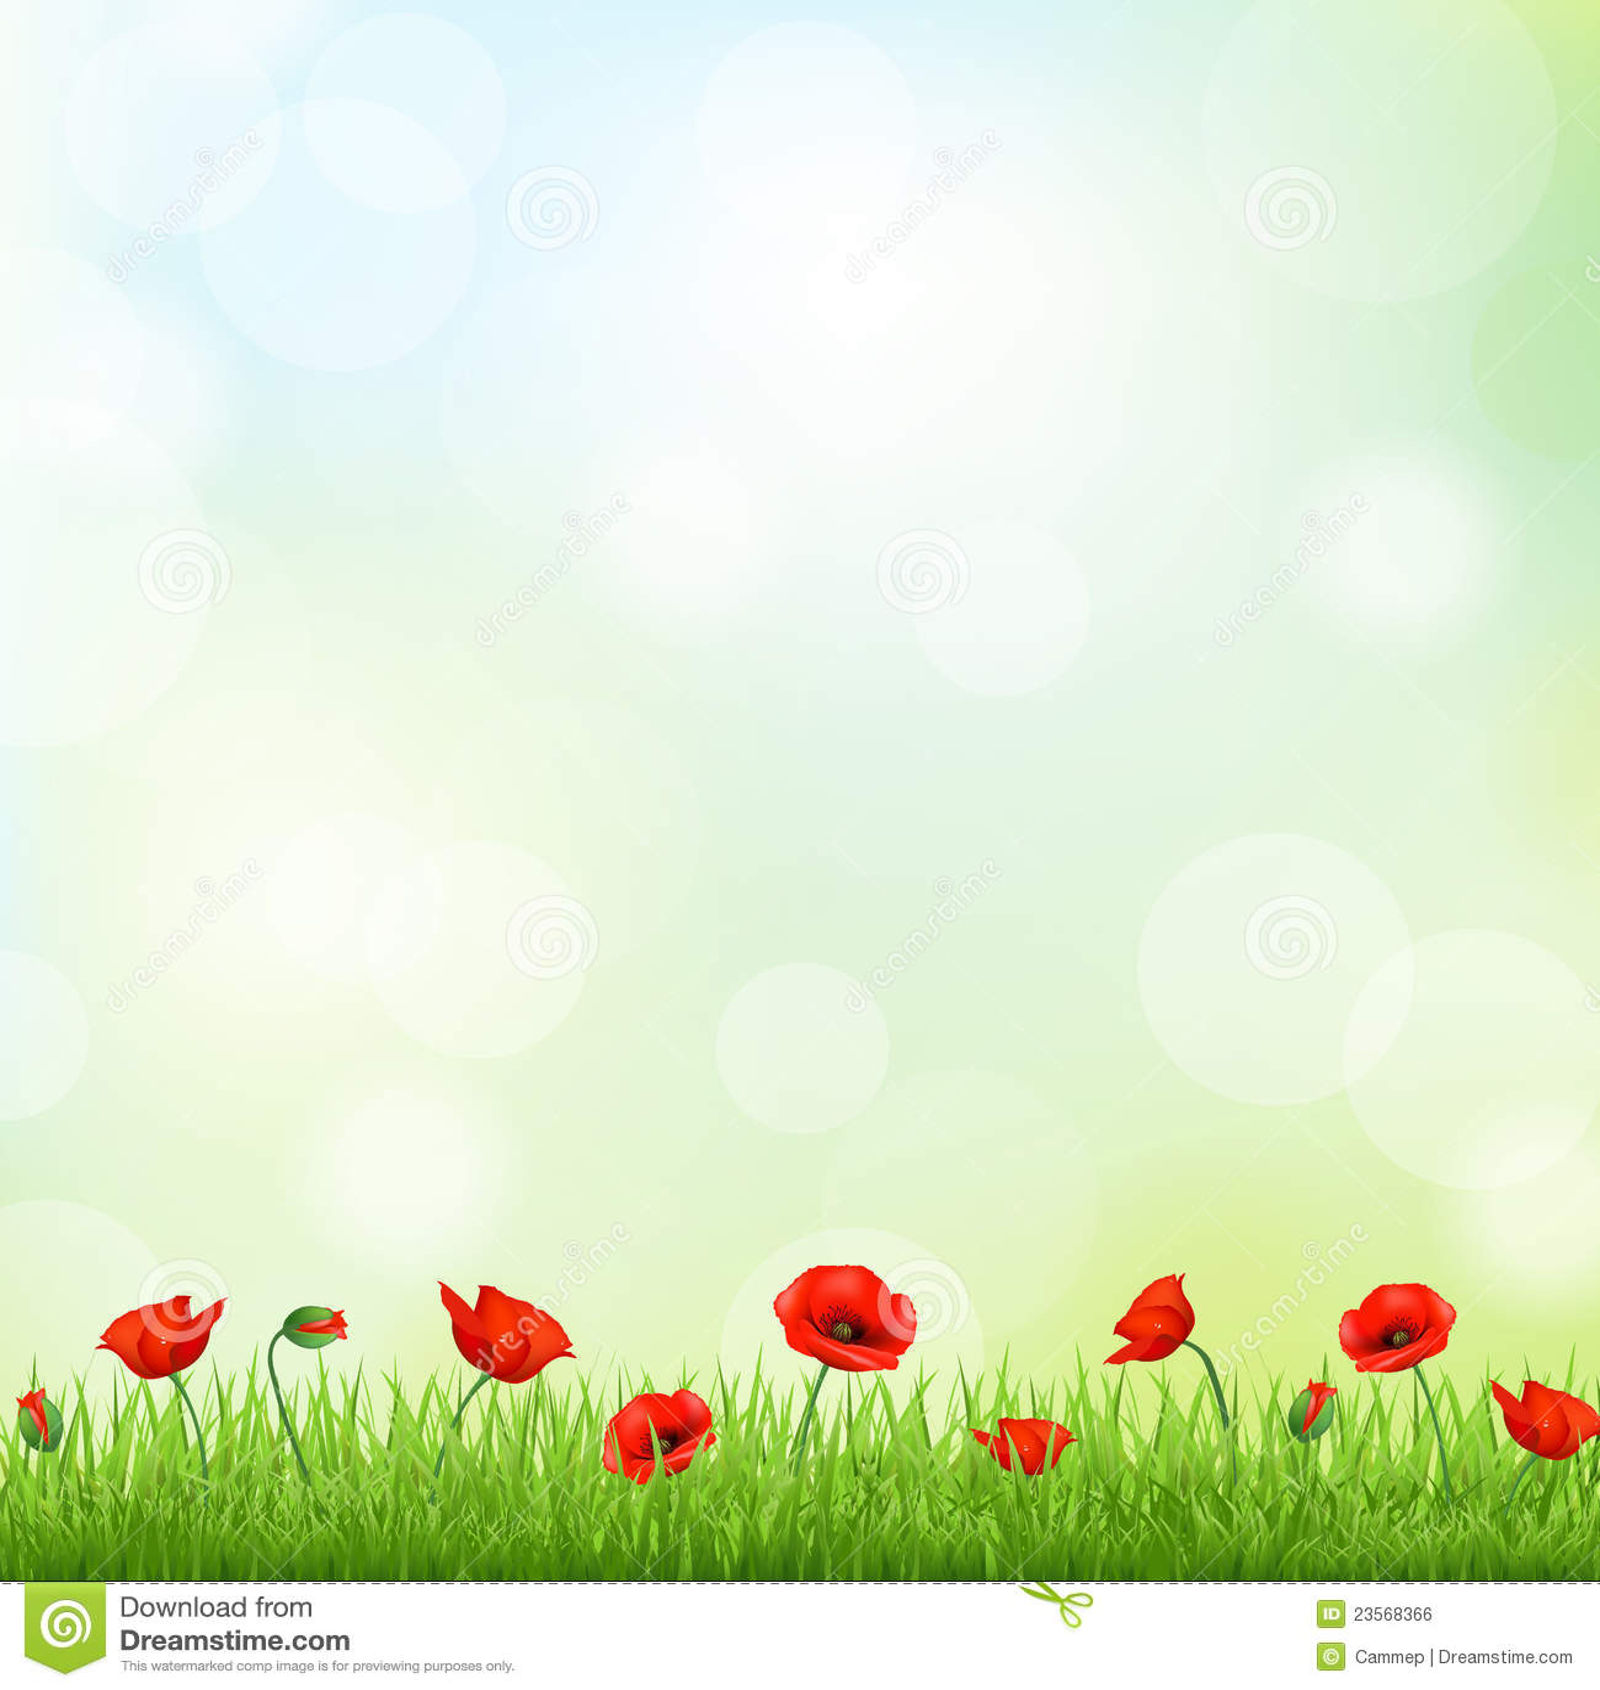 Clipart Flower Border